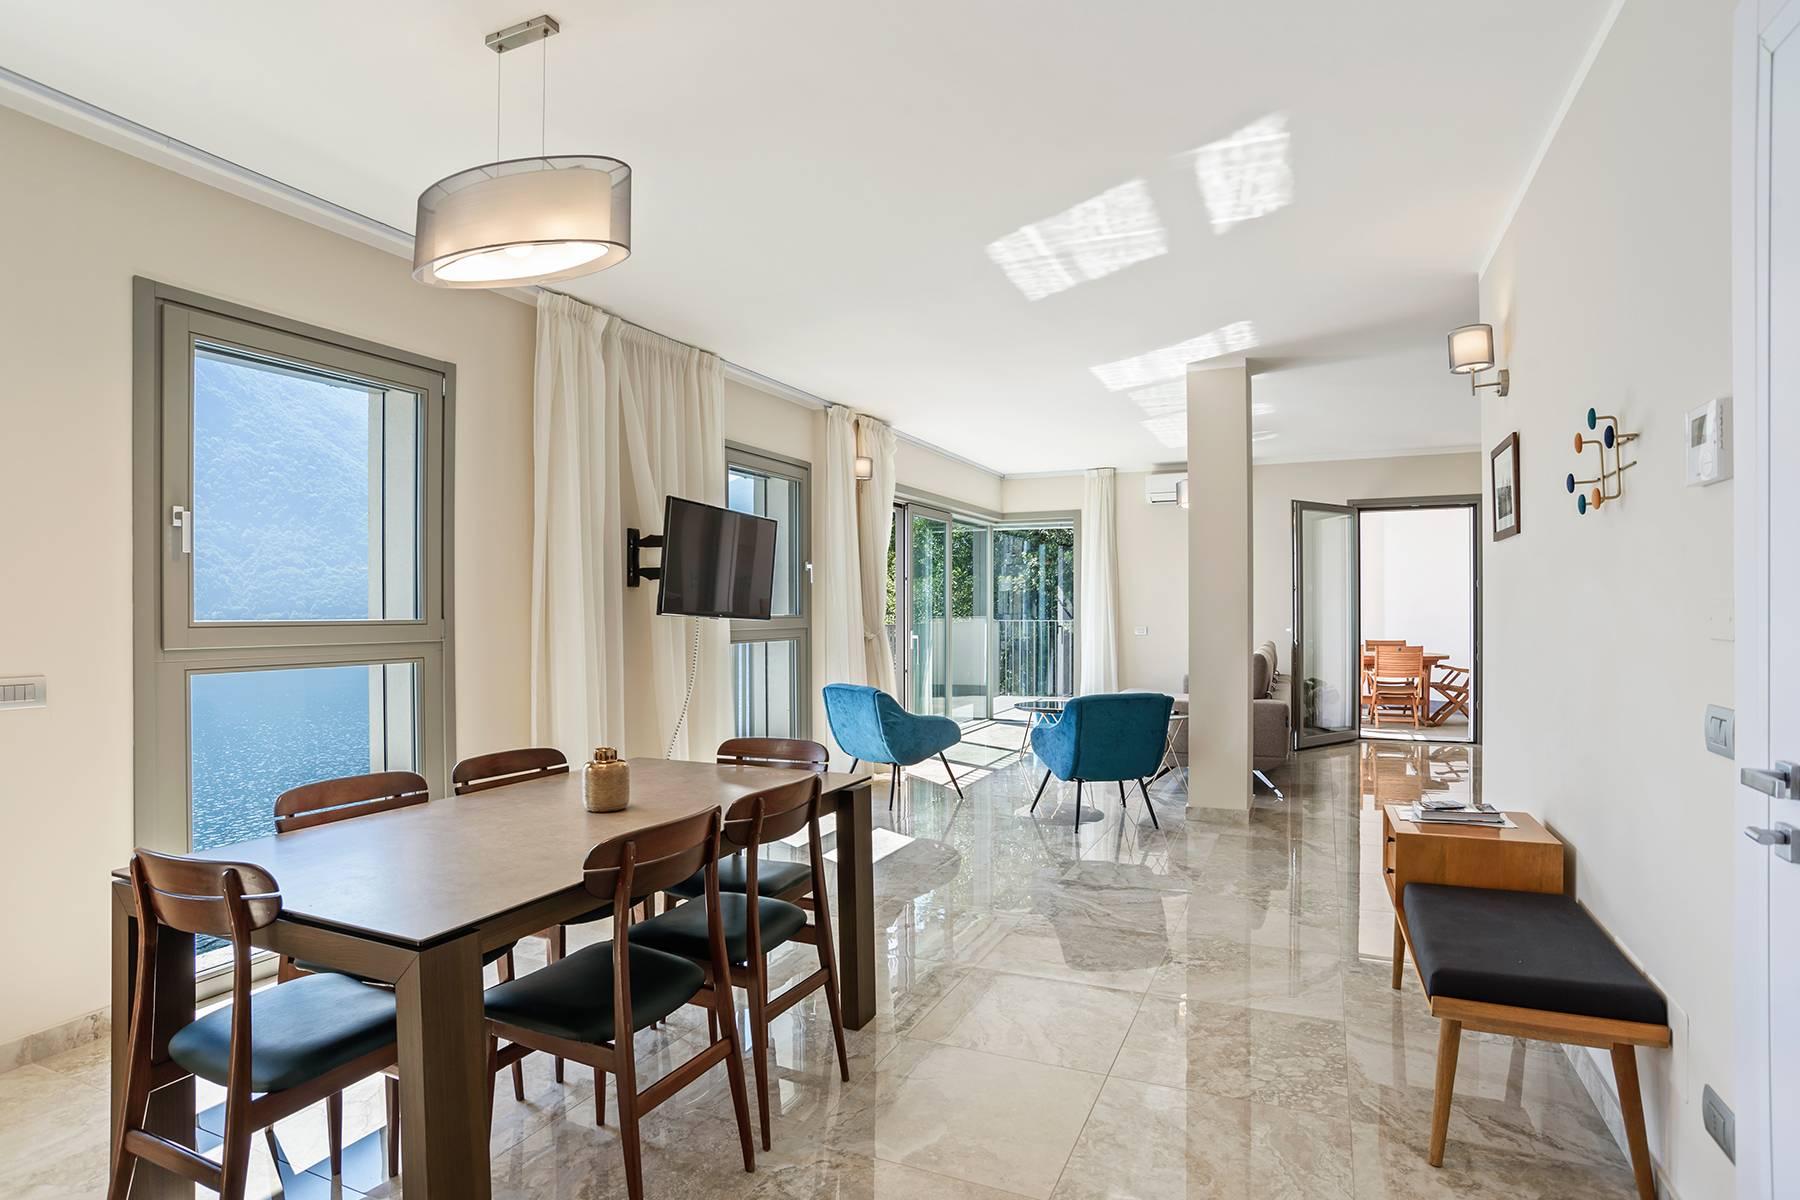 Appartamento in Vendita a Argegno: 5 locali, 141 mq - Foto 2